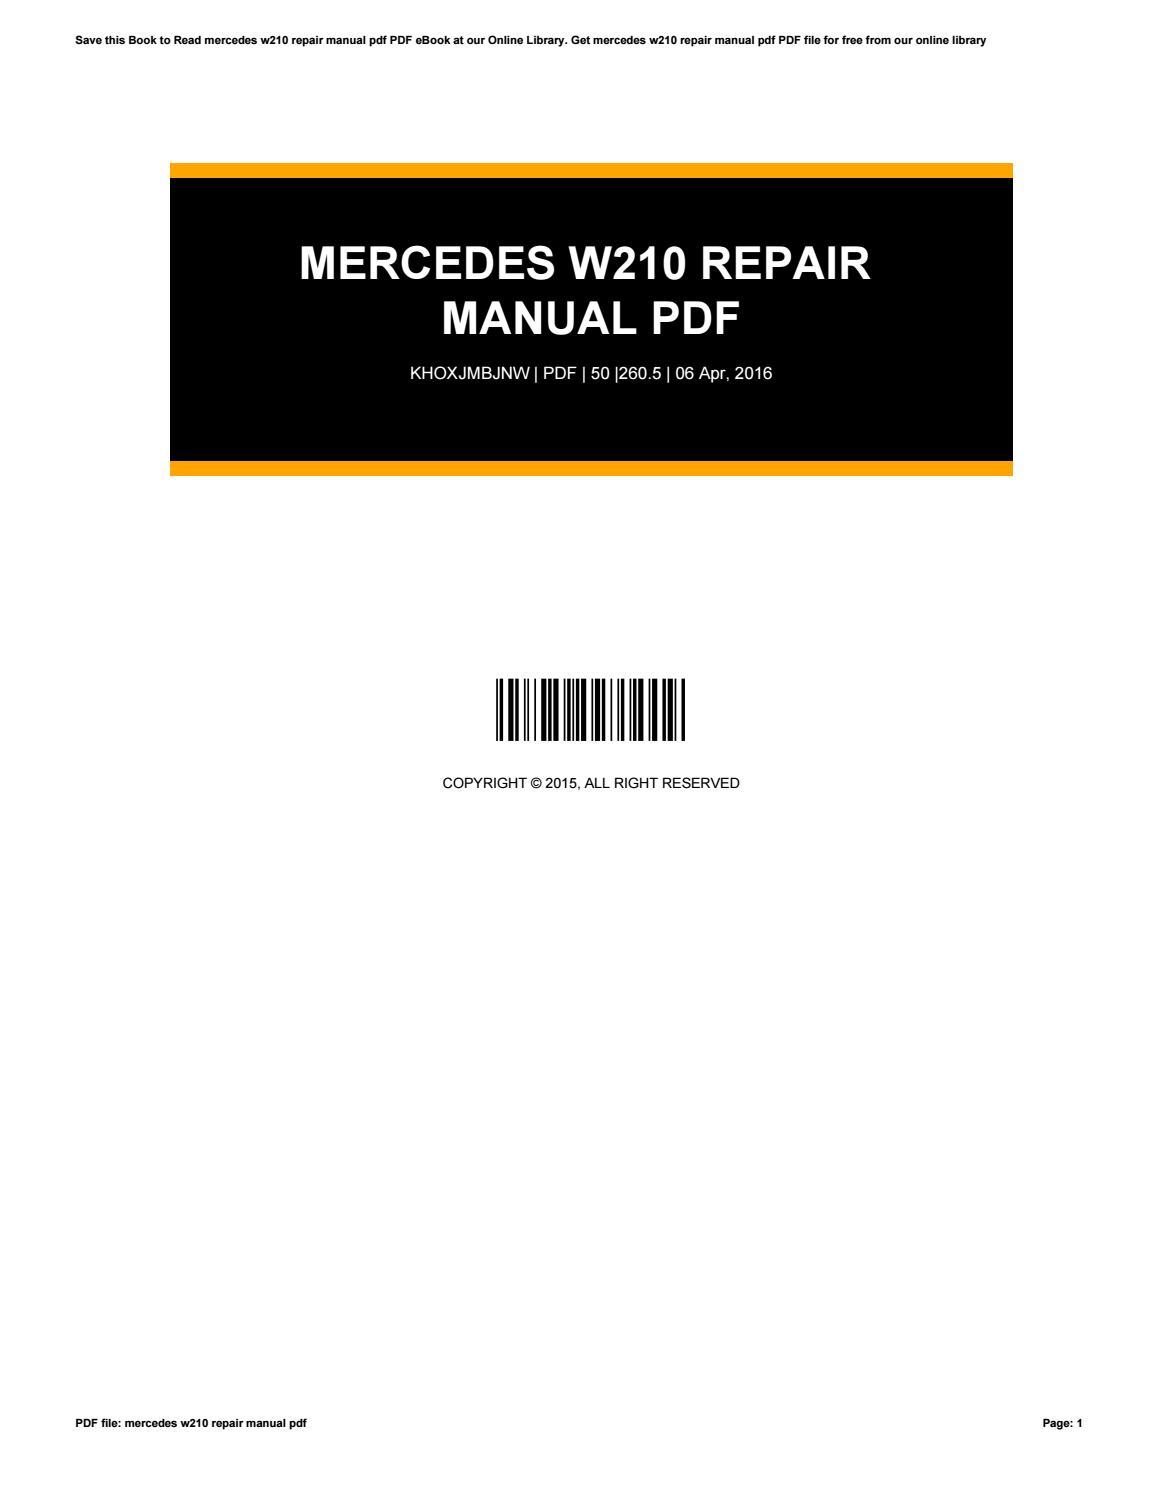 Download W210 Repair Manual Pdf.pdf